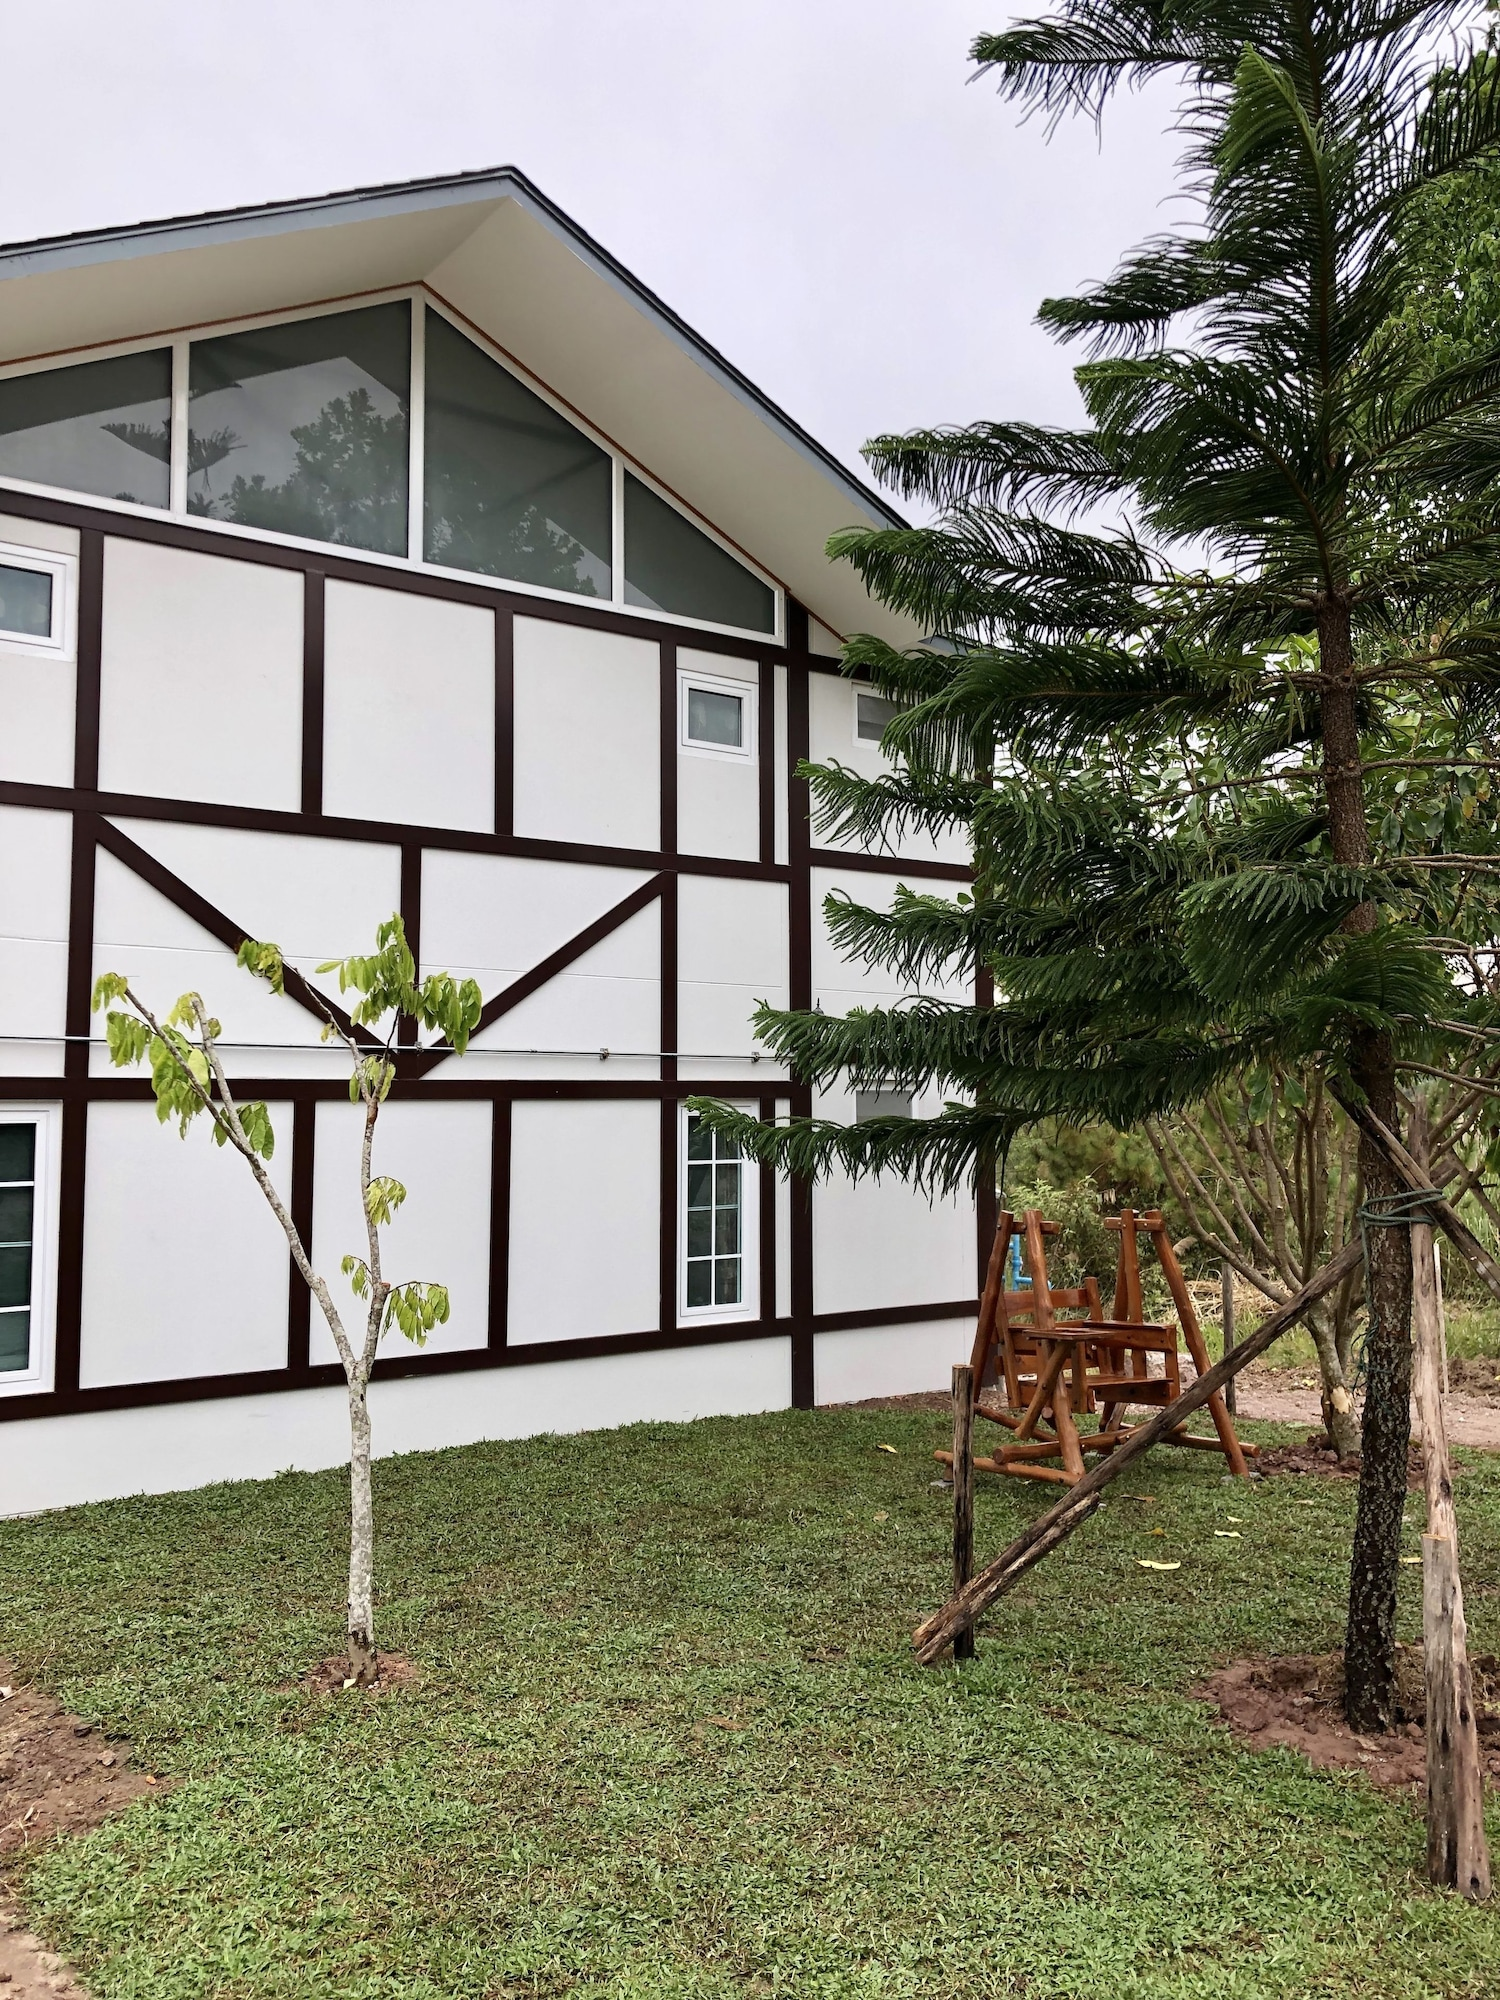 The Beaf Home khaokho, Khao Kho